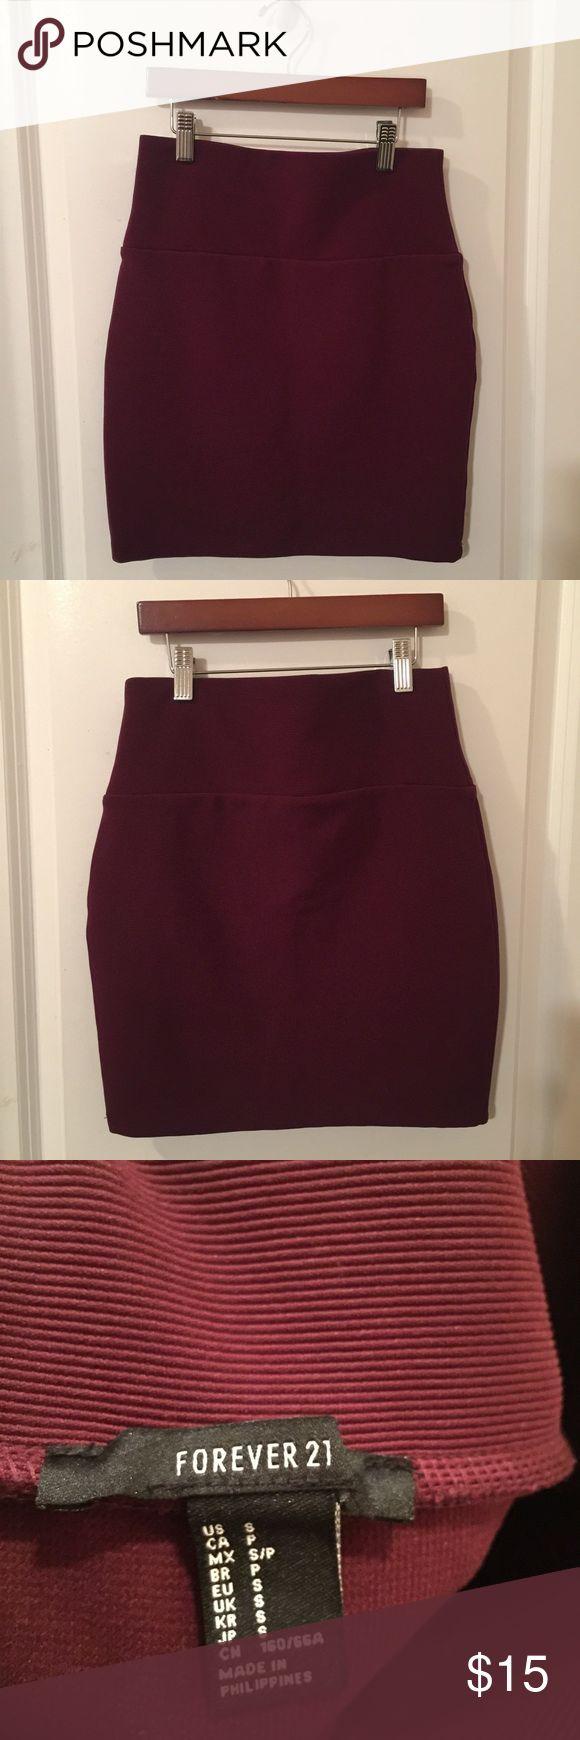 Burgundy Forever 21 skirt small Burgundy Forever 21 skirt, size small. Measures 17 inches from waist to hem Forever 21 Skirts Mini